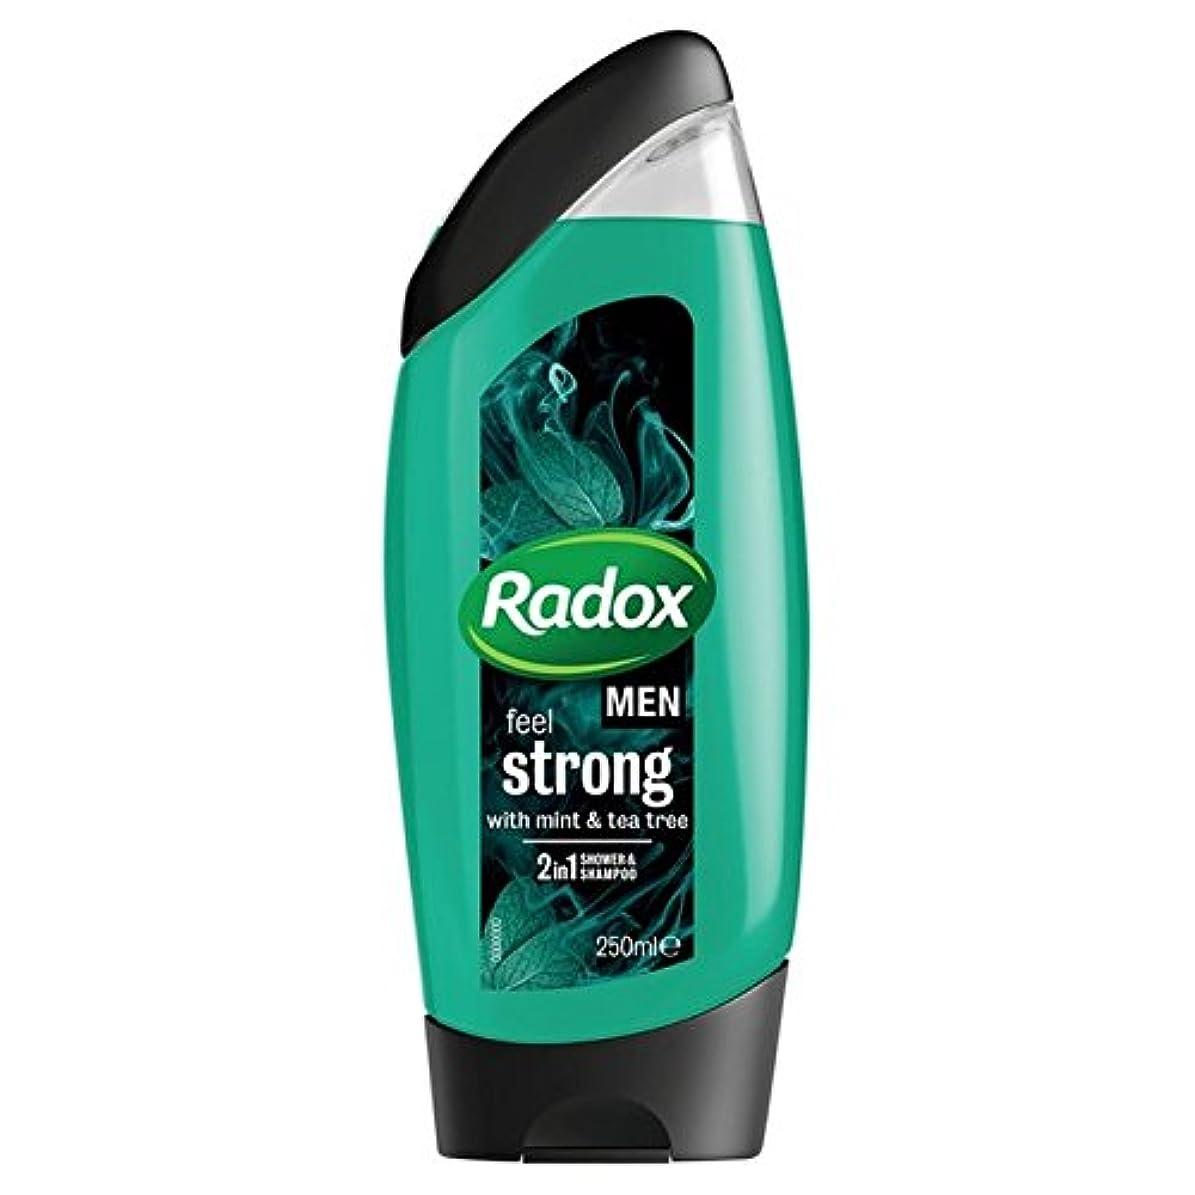 ボタンワゴンたるみ男性は、強力なミント&ティーツリーの21のシャワージェル250ミリリットルを感じます x2 - Radox Men Feel Strong Mint & Tea Tree 2in1 Shower Gel 250ml (Pack...